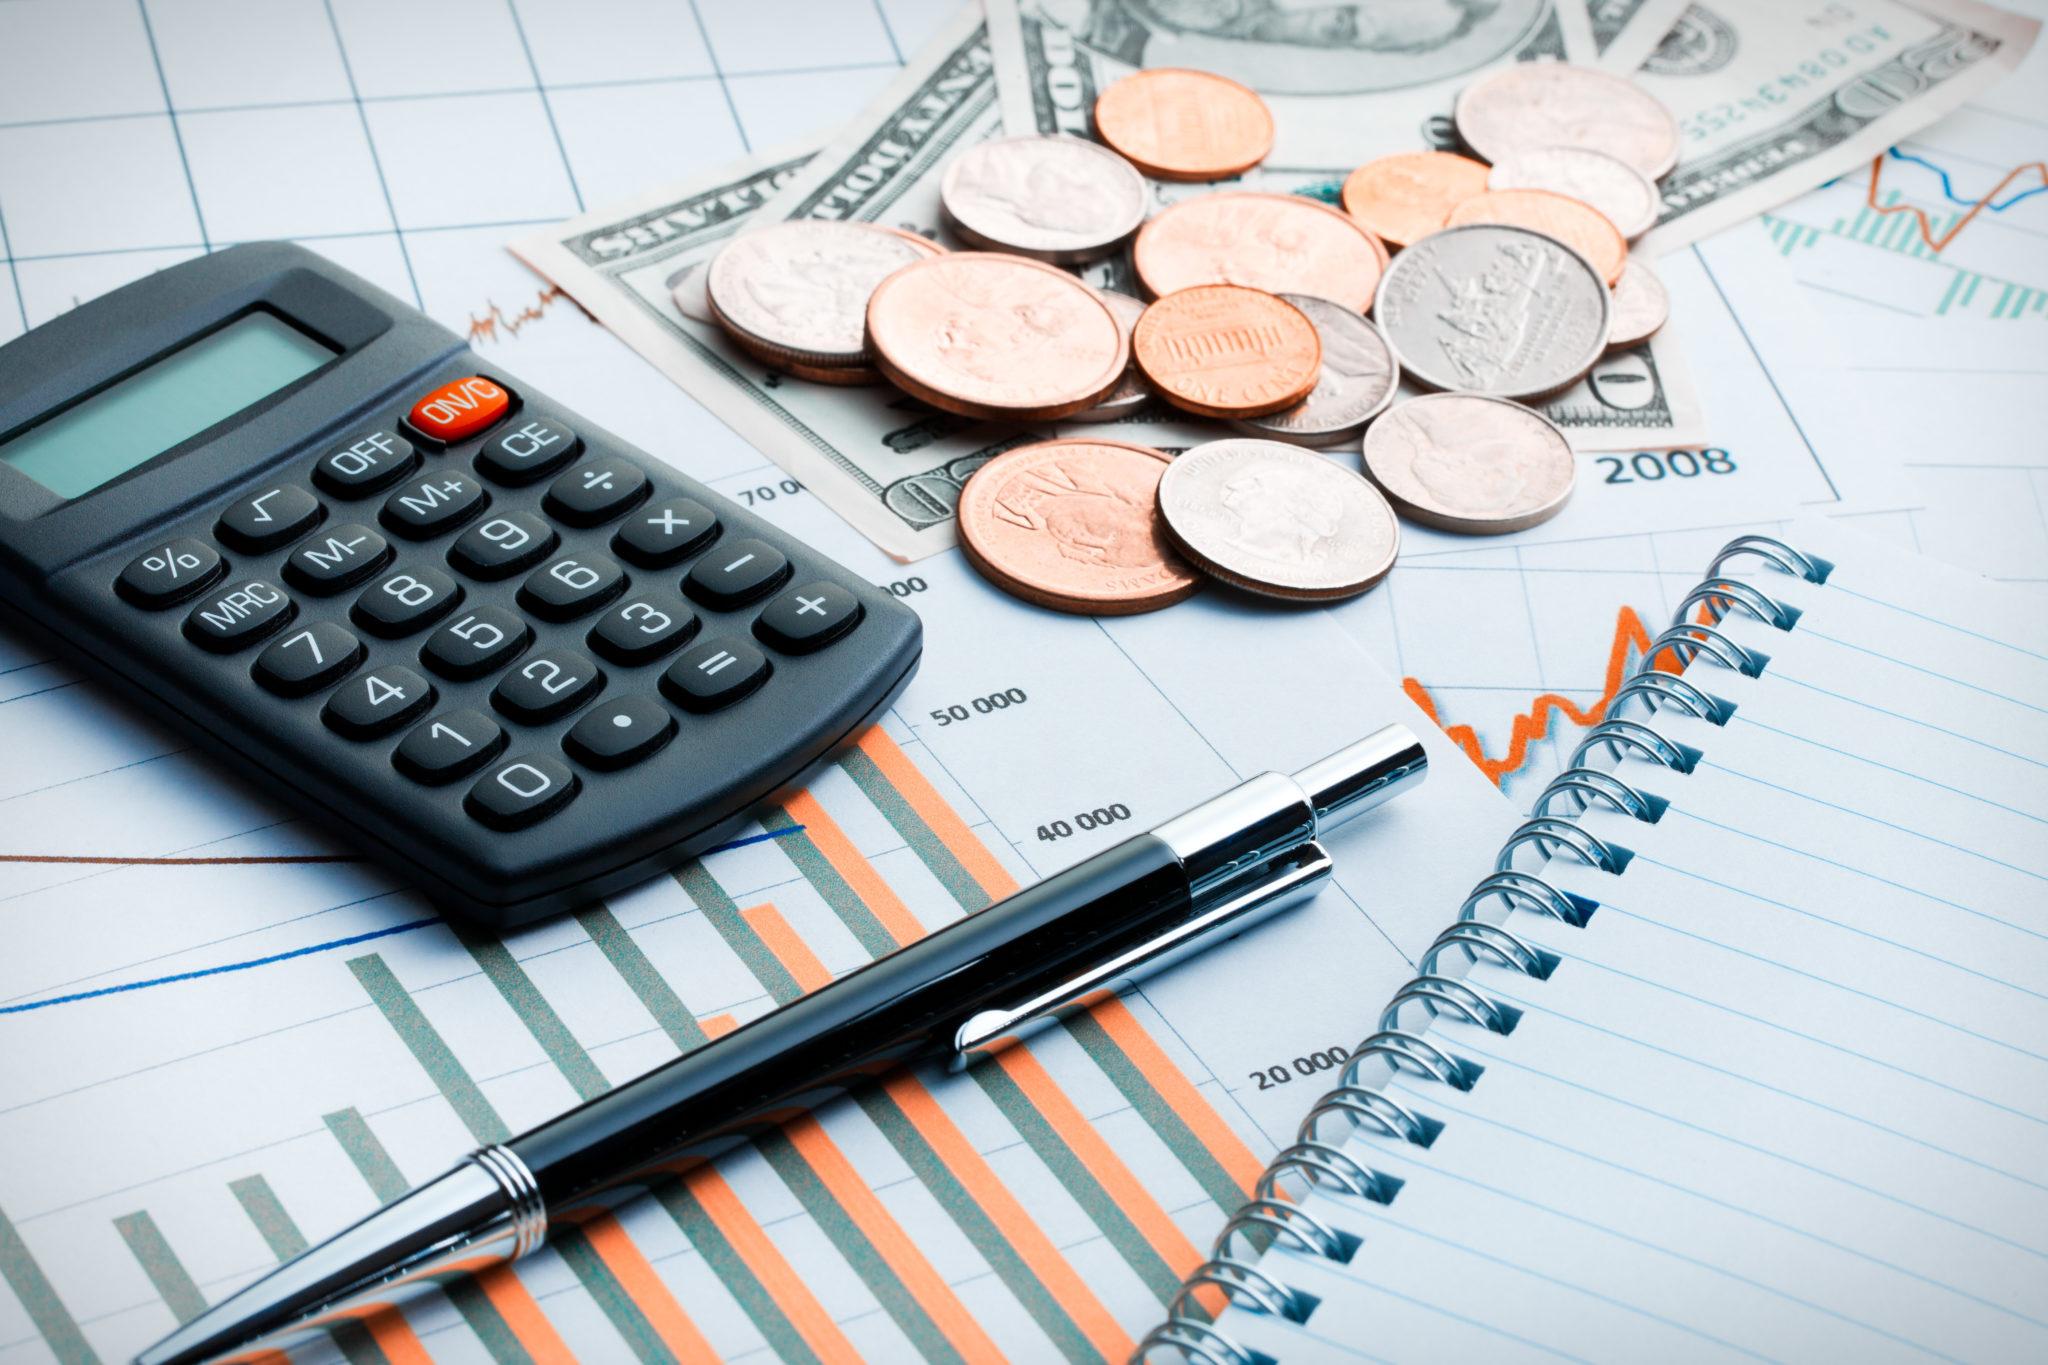 Группировка расходов по элементам и статьям затрат. Анализ. Кратко